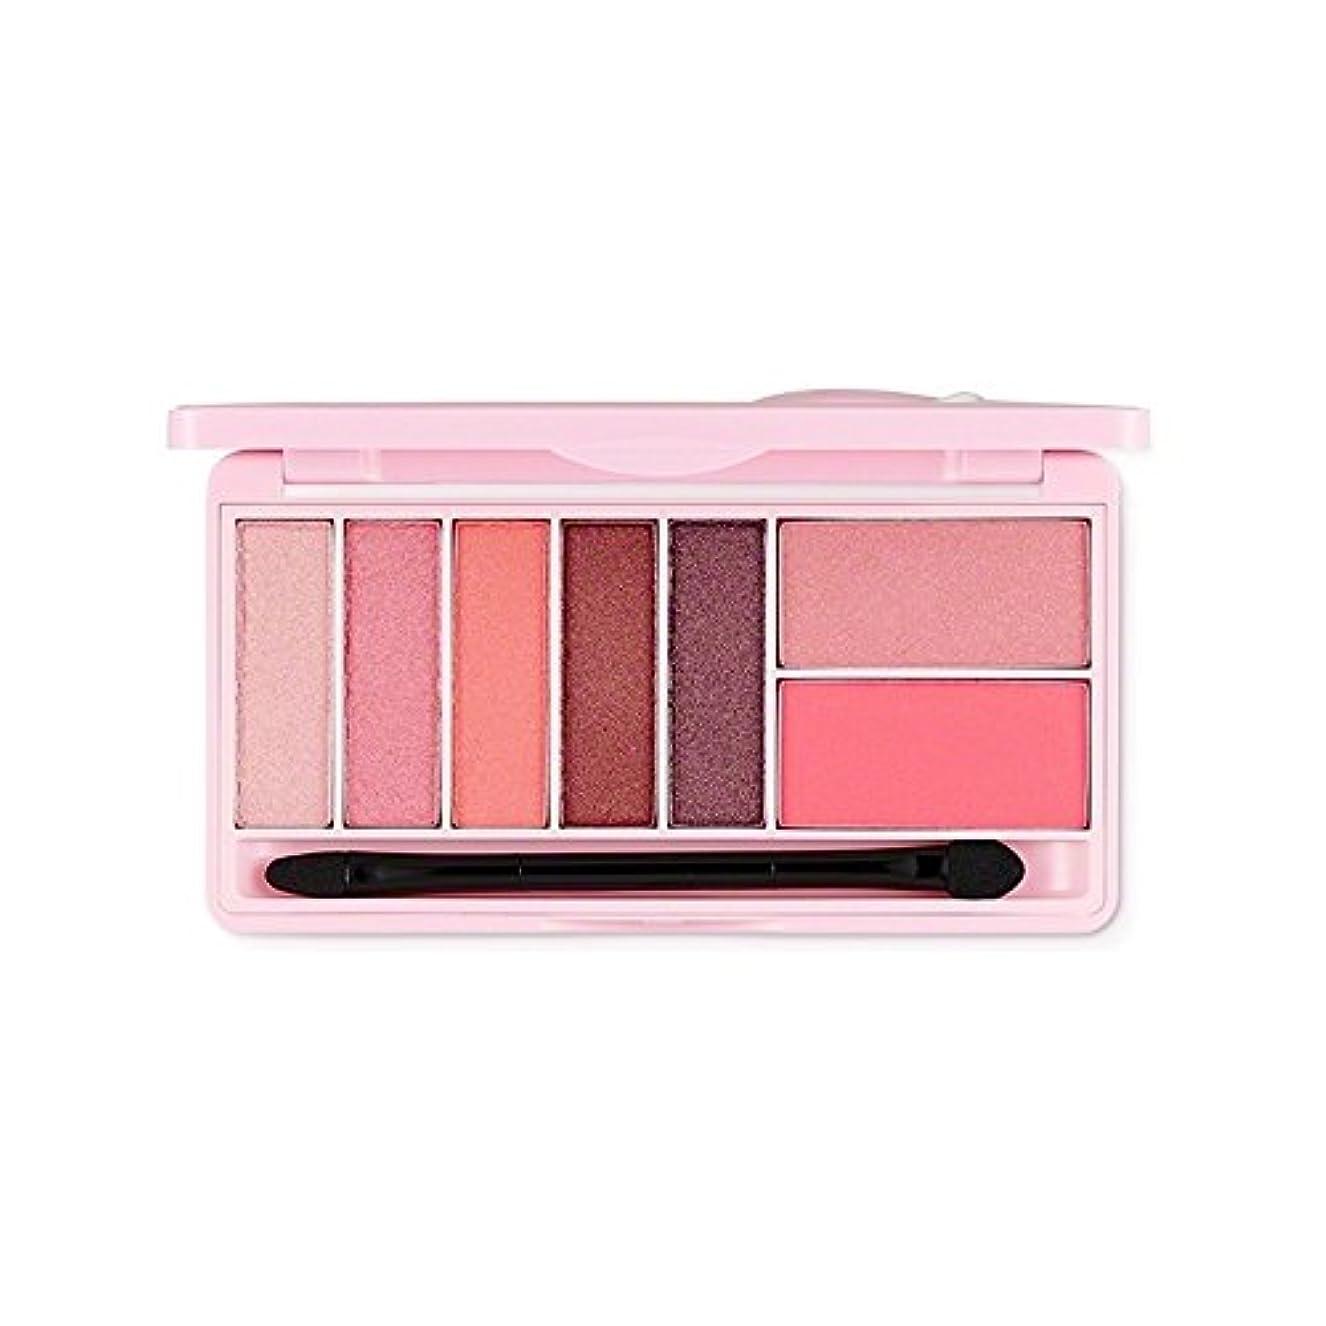 割合こんにちはベンチThe Face Shop スウィートアペックチャーモノポップアイズ Kakao FriendsThe Face Shop Sweet Apeach Mono Pop Eyes 9.5g/甘いアペサート (Pink Winking...